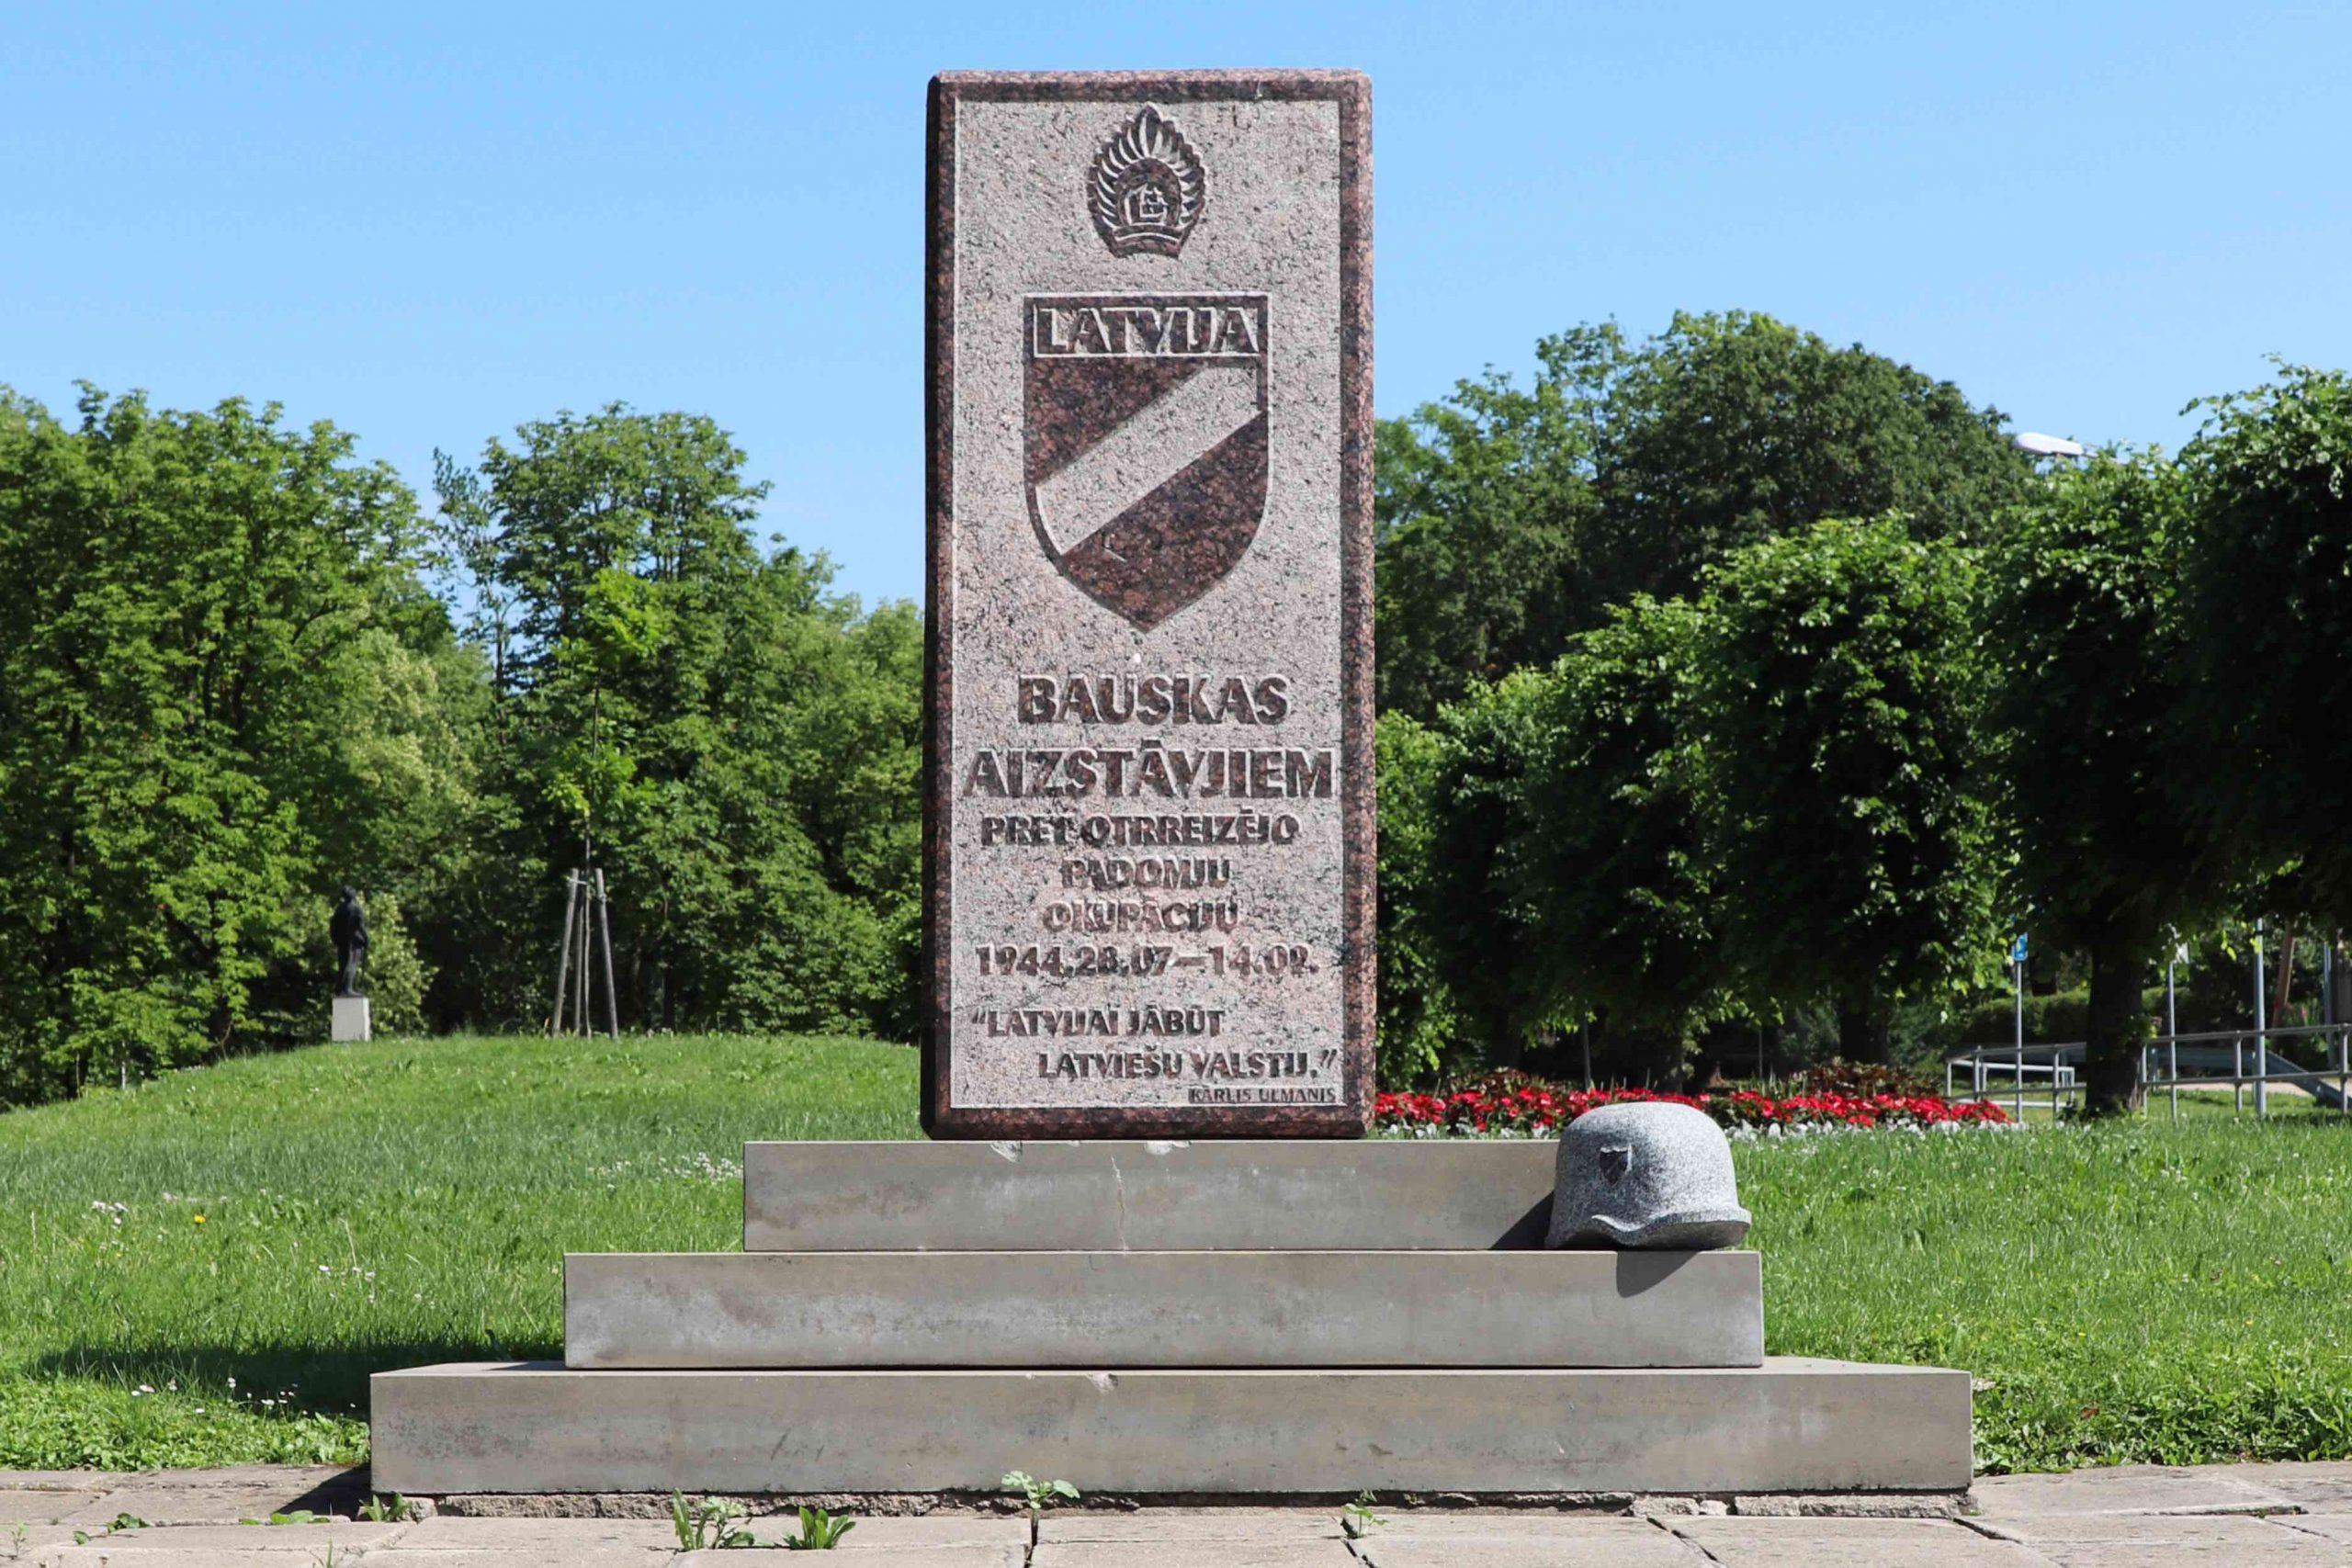 Denkmal für die Verteidiger Bauskas mit dem Emblem der lettischen Armee, darunter der Ärmelschild, der von den Angehörigen der lettischen Waffen-SS getragen wurde Foto: Privat